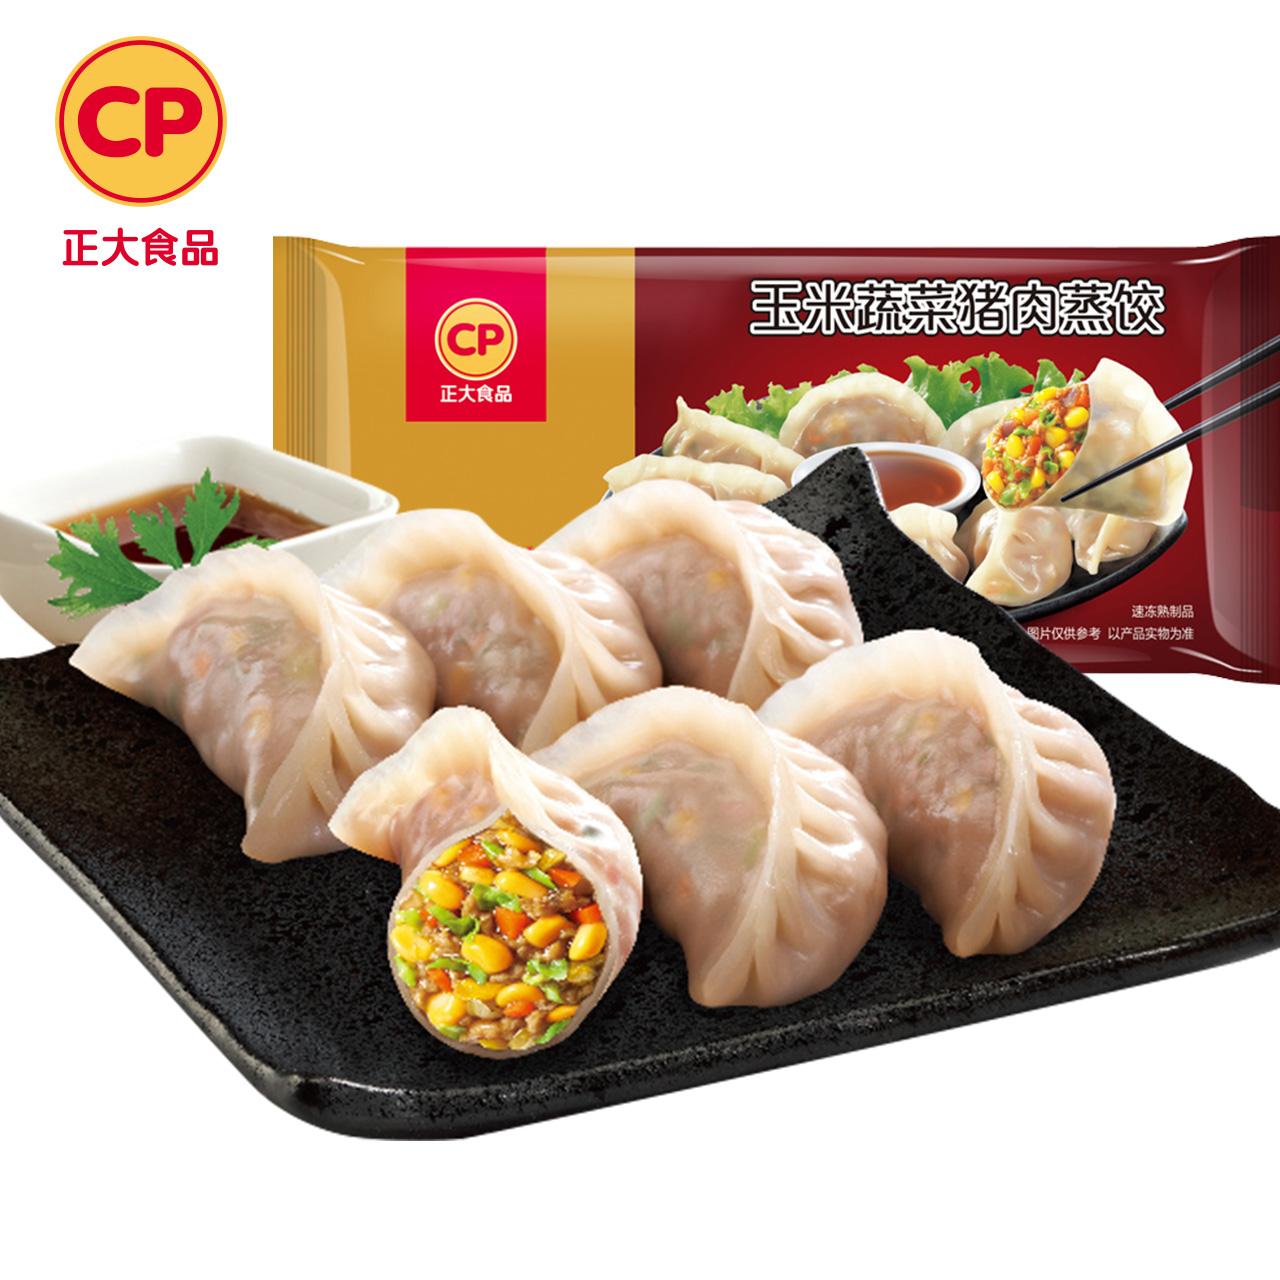 【正大食品】玉米蔬菜猪肉蒸饺400g/袋 微波即食早餐饺子